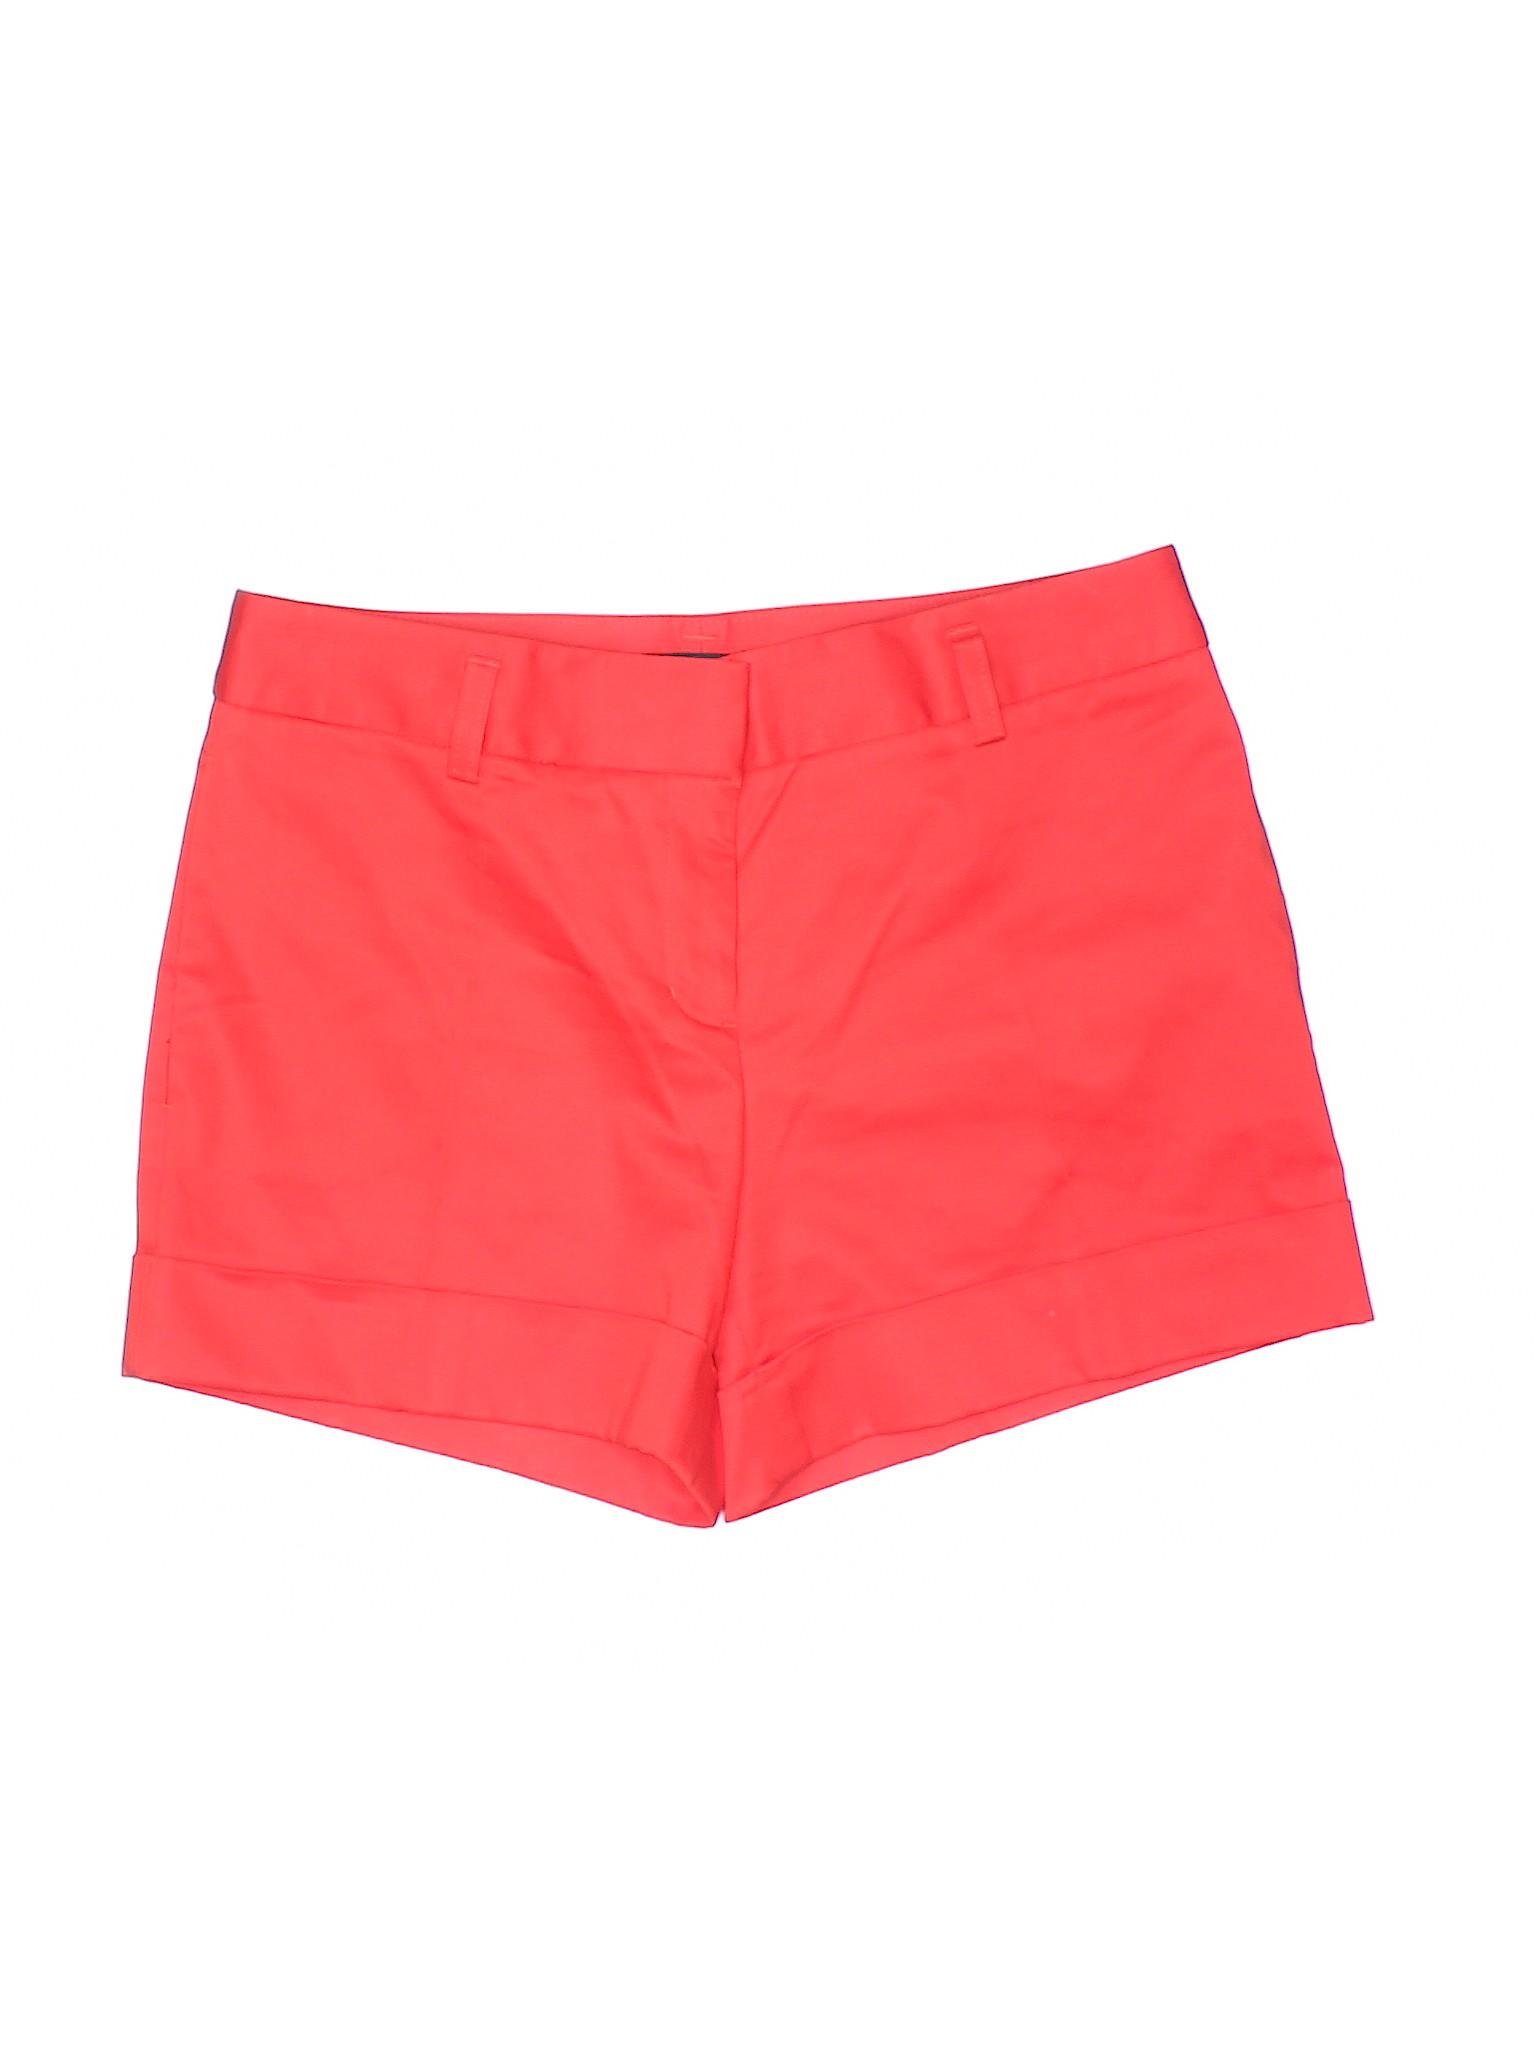 Shorts Boutique Boutique Khaki Khaki Boutique Shorts Express Express Express Bq1n88